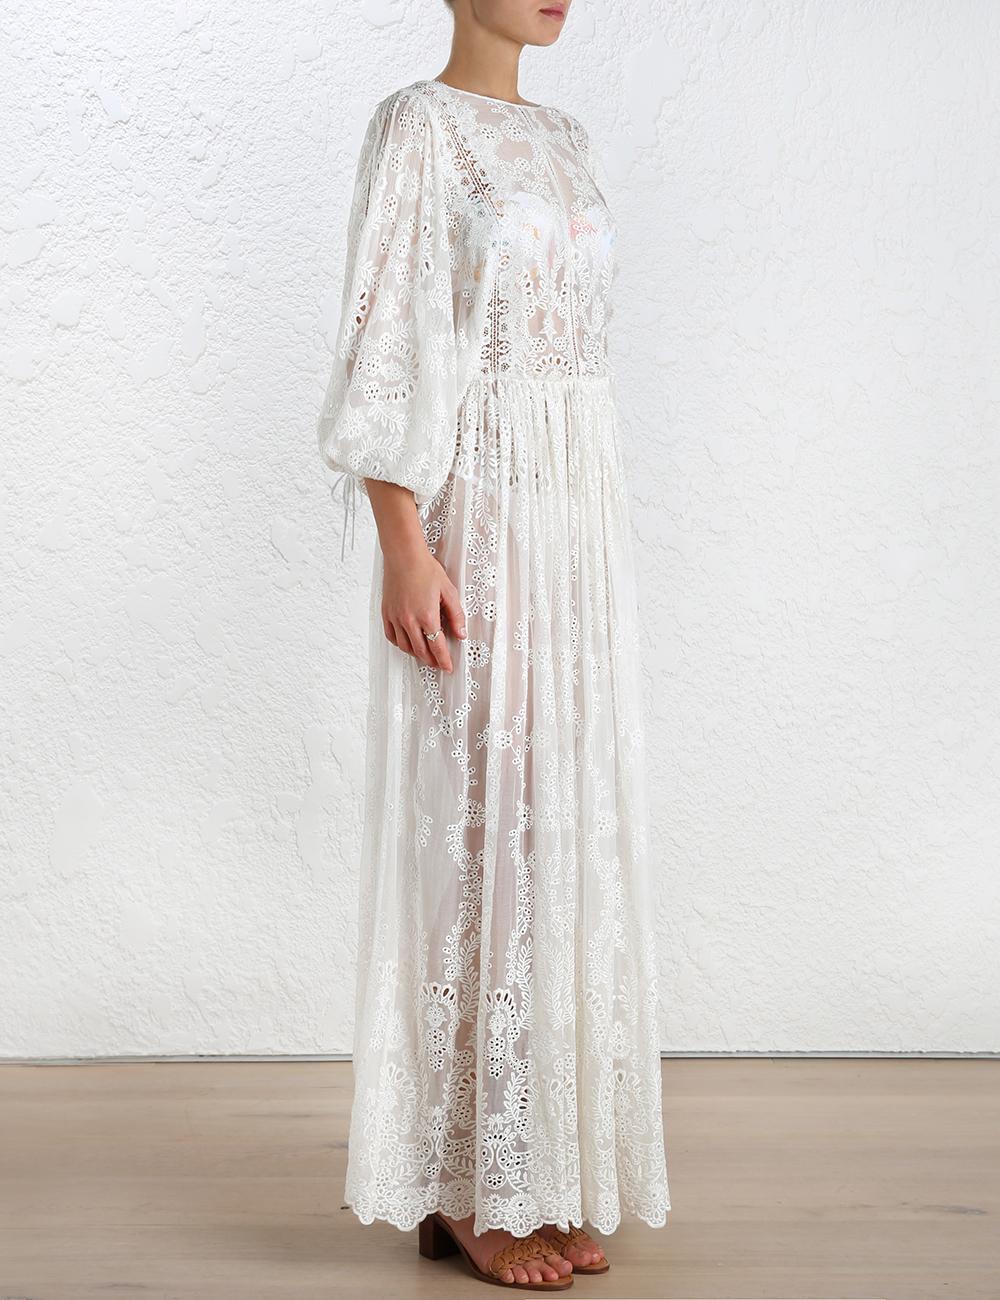 79ddece8eeb4 Zimmermann Alchemy Embroidery Long Dress in White - Lyst